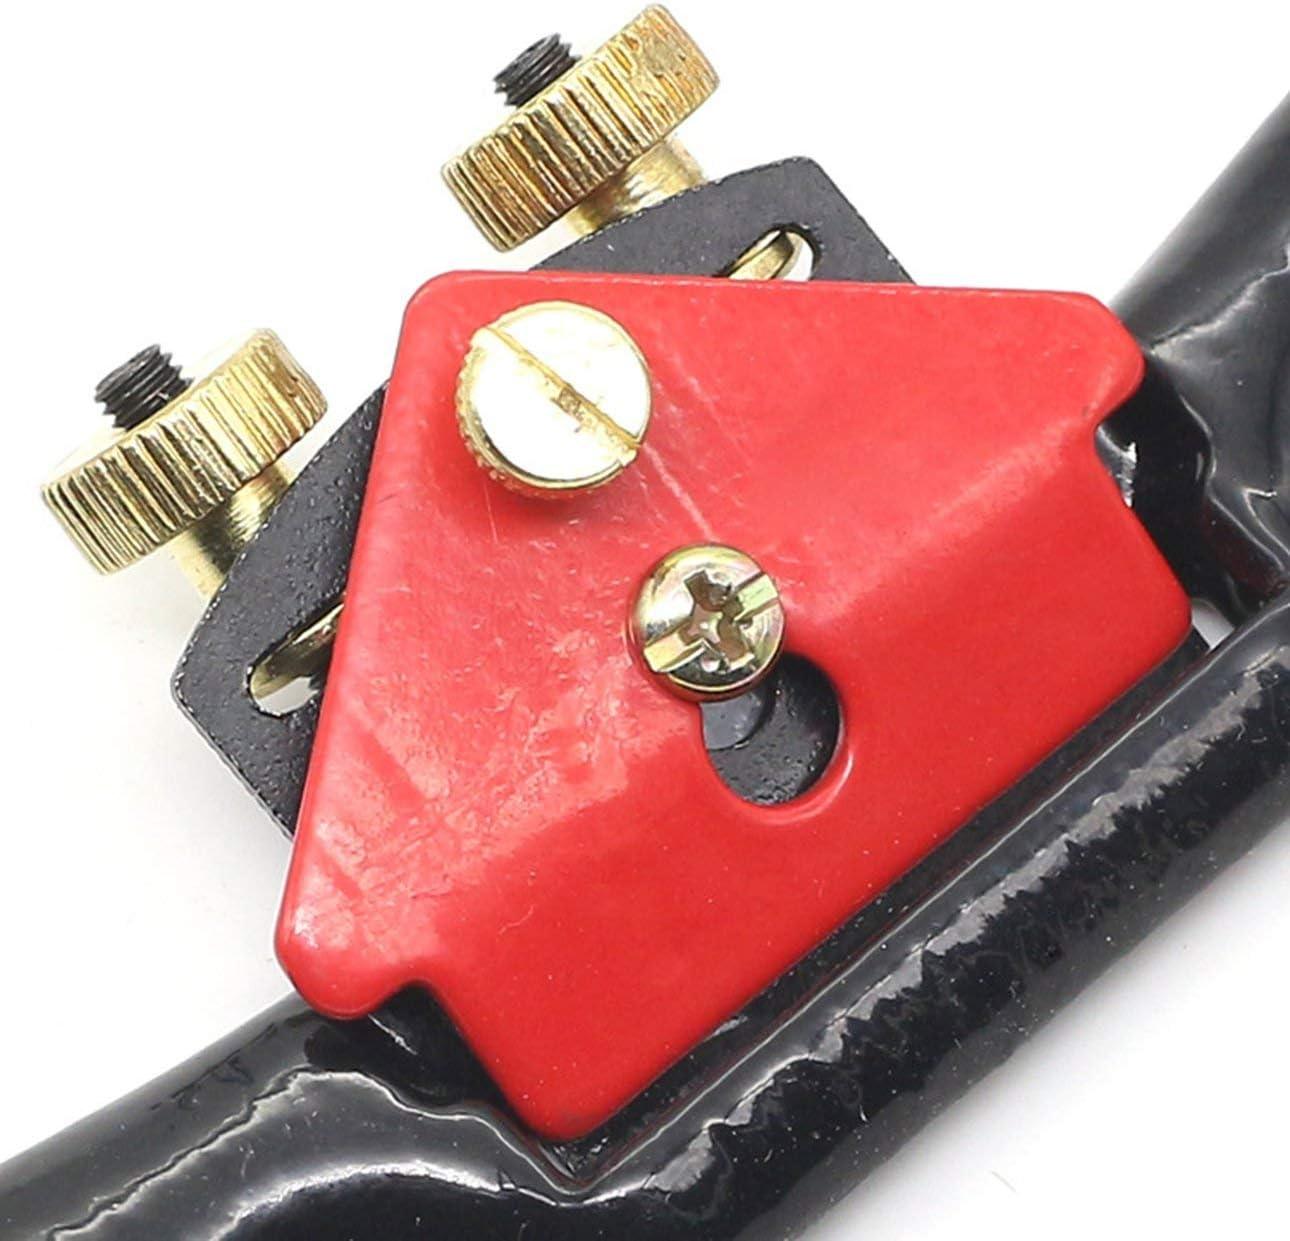 Ba30DEllylelly 9// 215 mm regolabile per la lavorazione del legno a mano pialla a vite pialla per rasatura tagliente in legno per attrezzi manuali da falegname